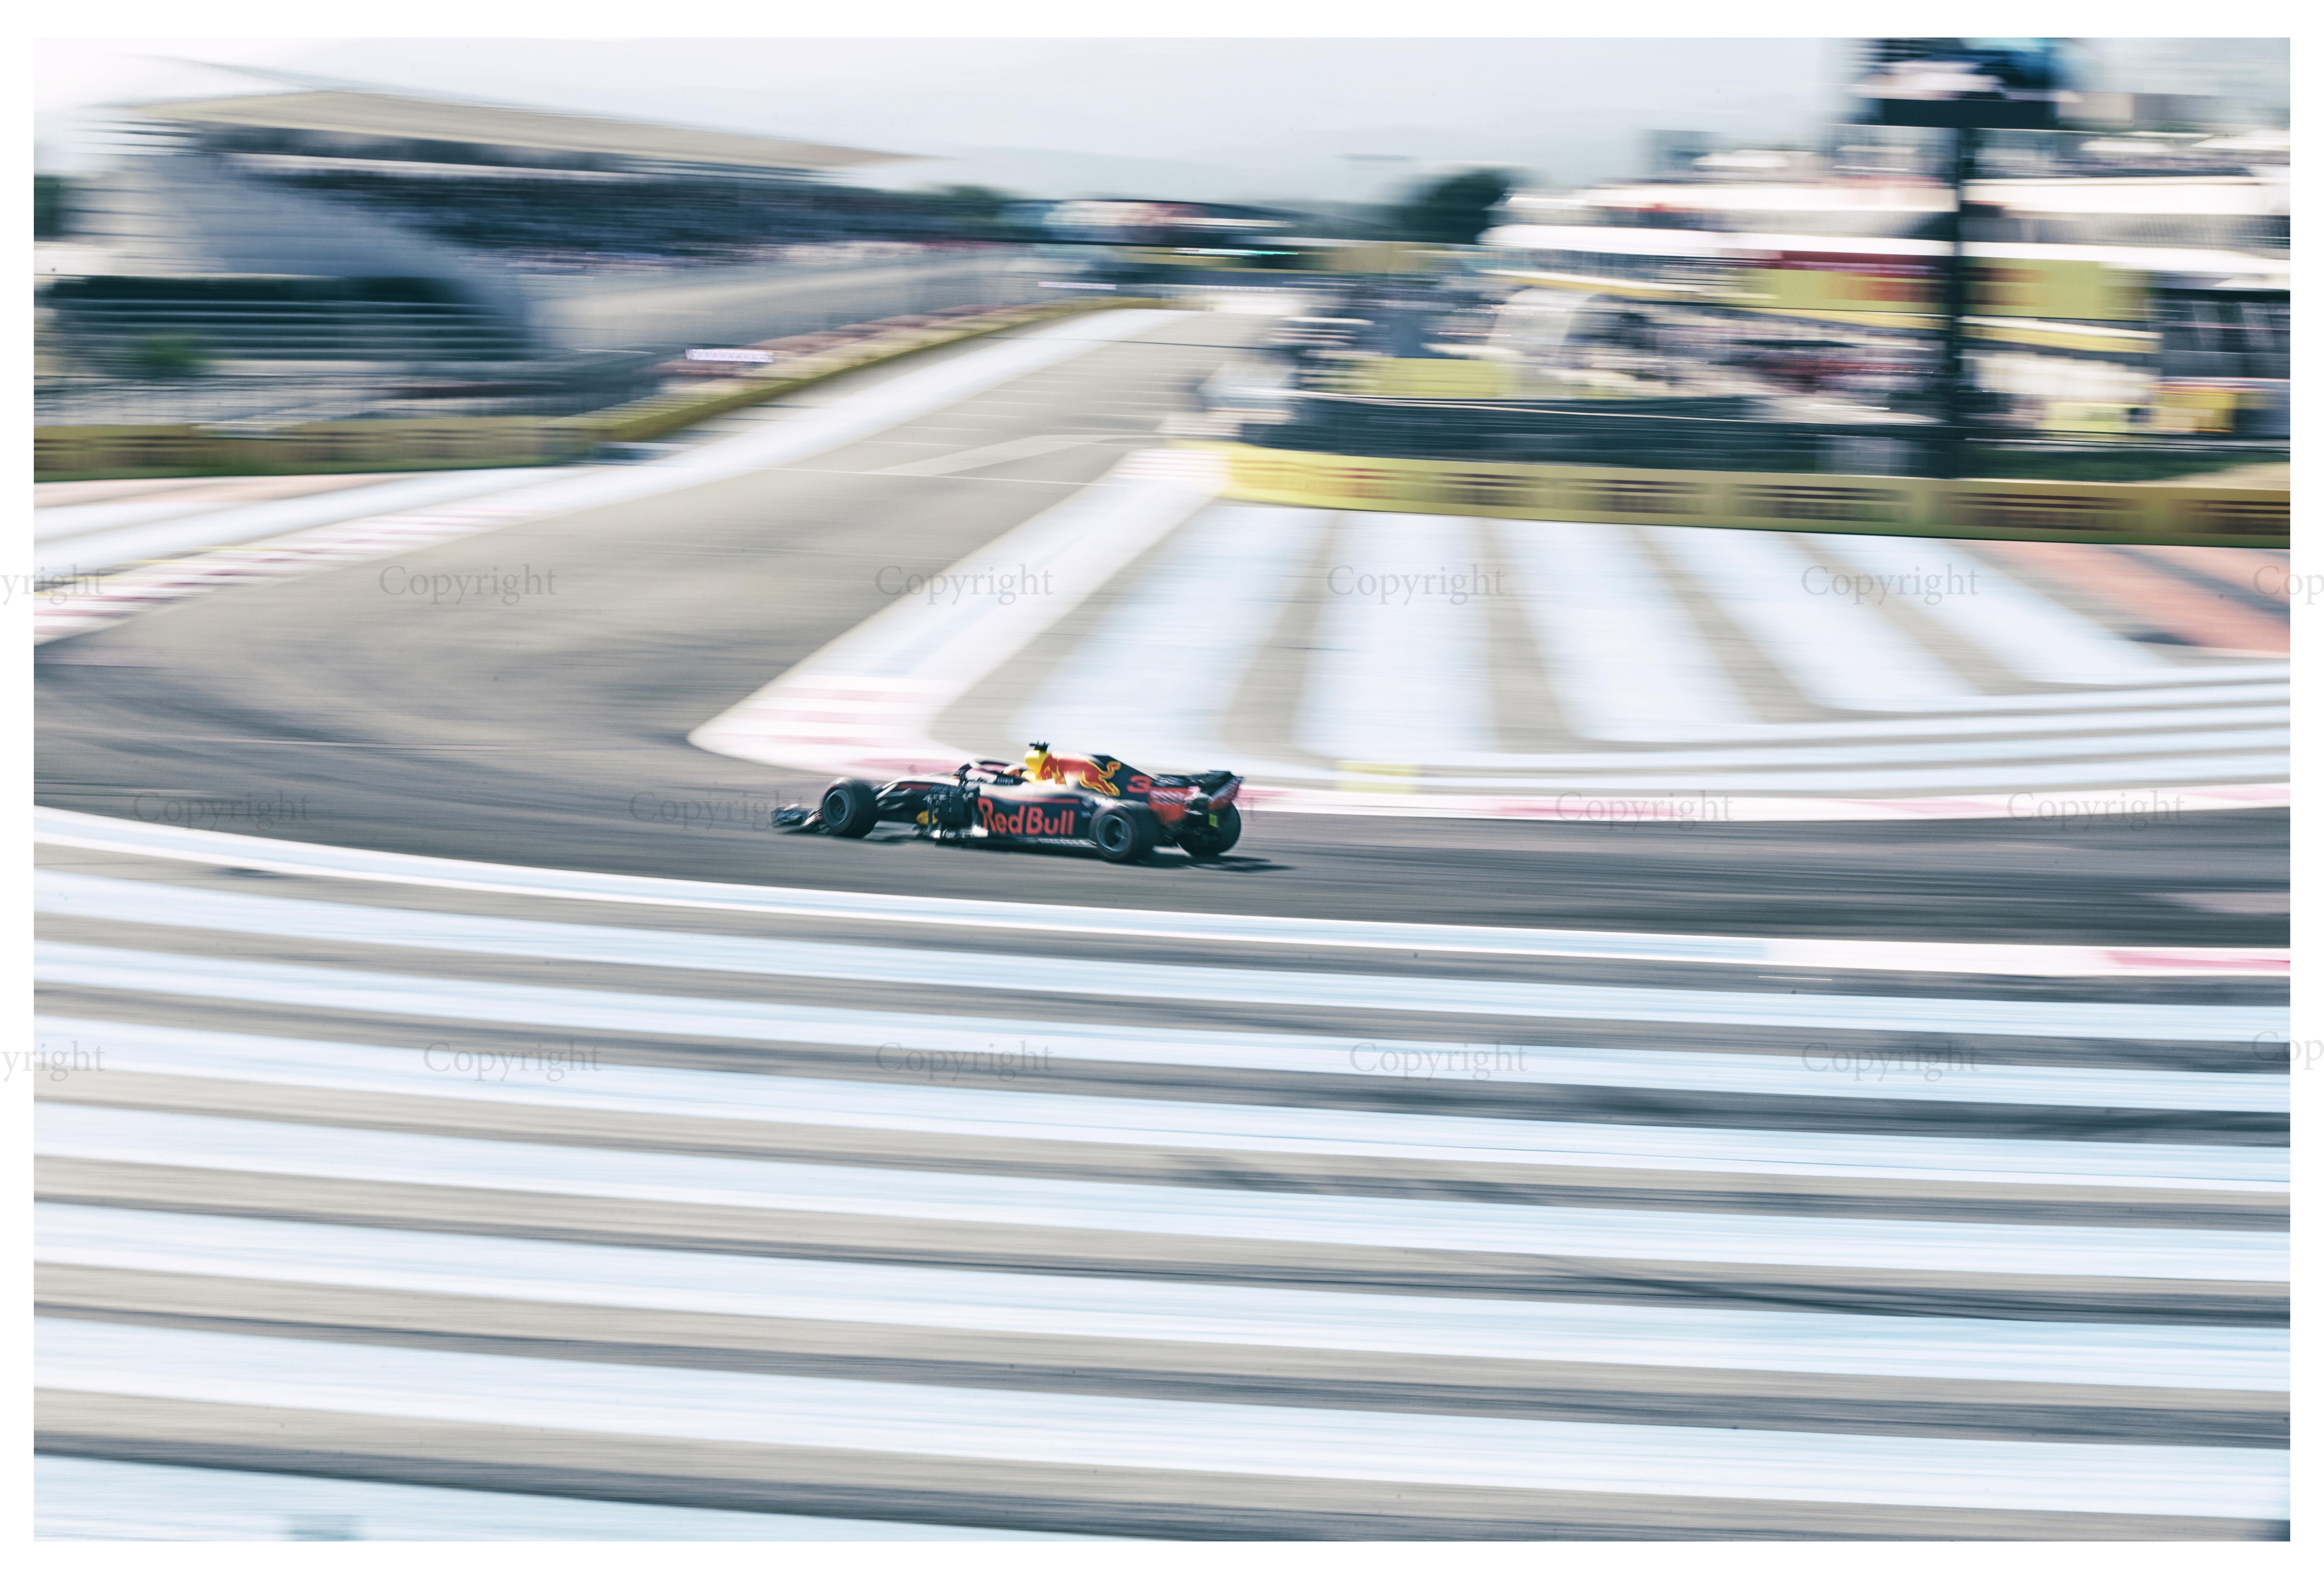 Ricciardo K 1